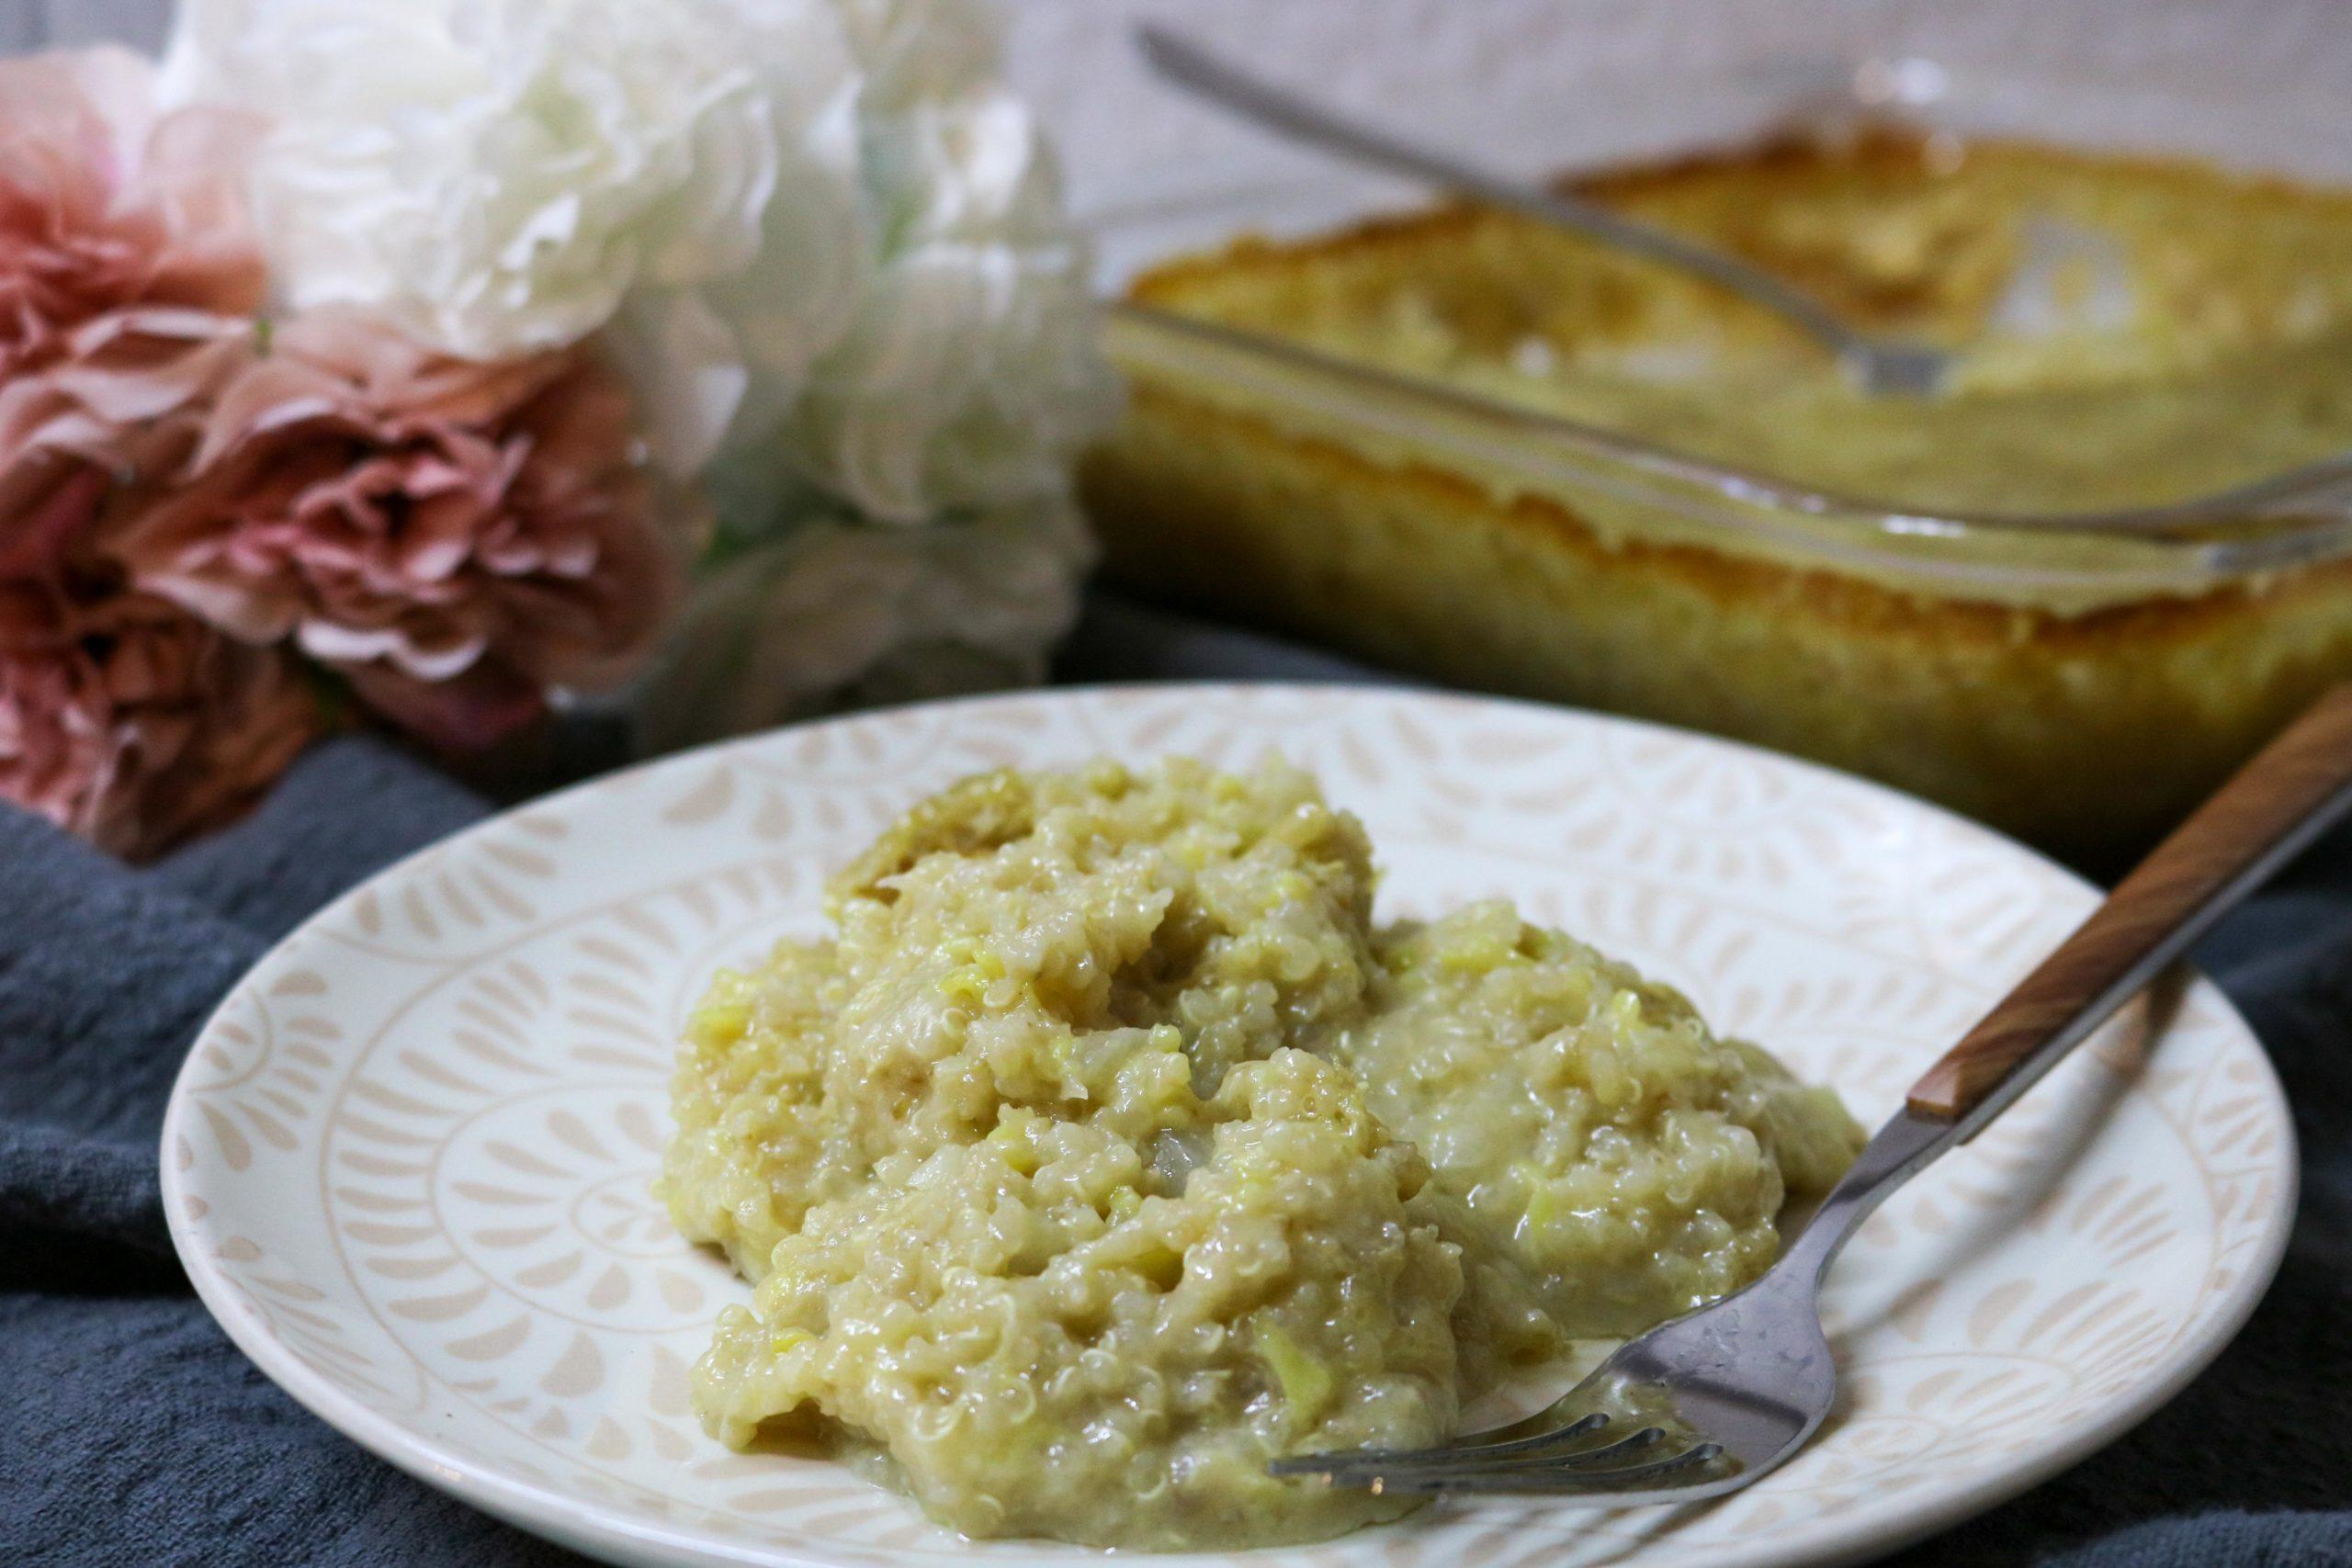 Zucchini Casserole with Quinoa Recipe